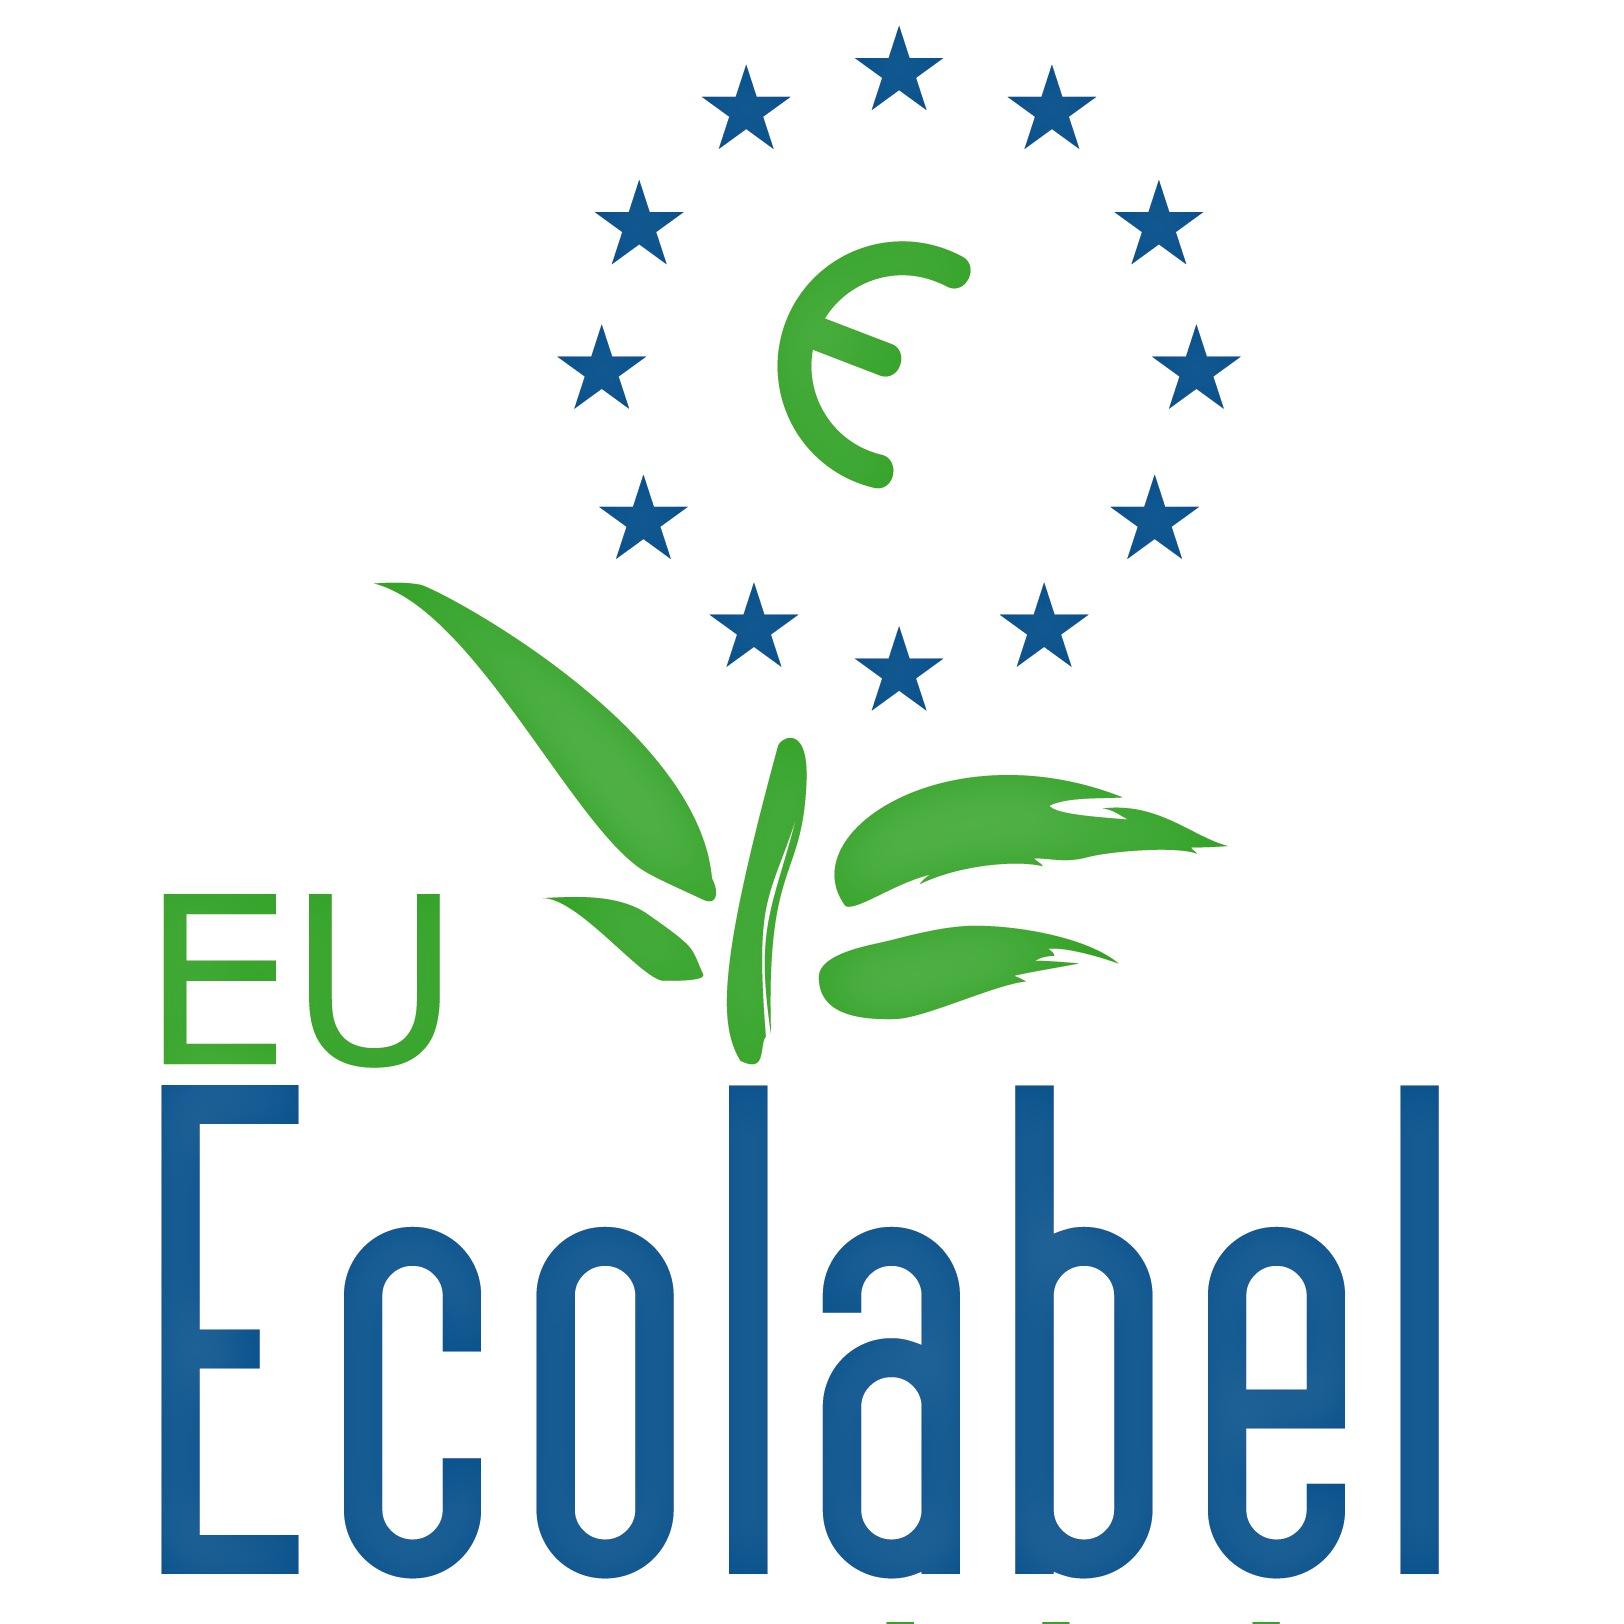 image ecolabel